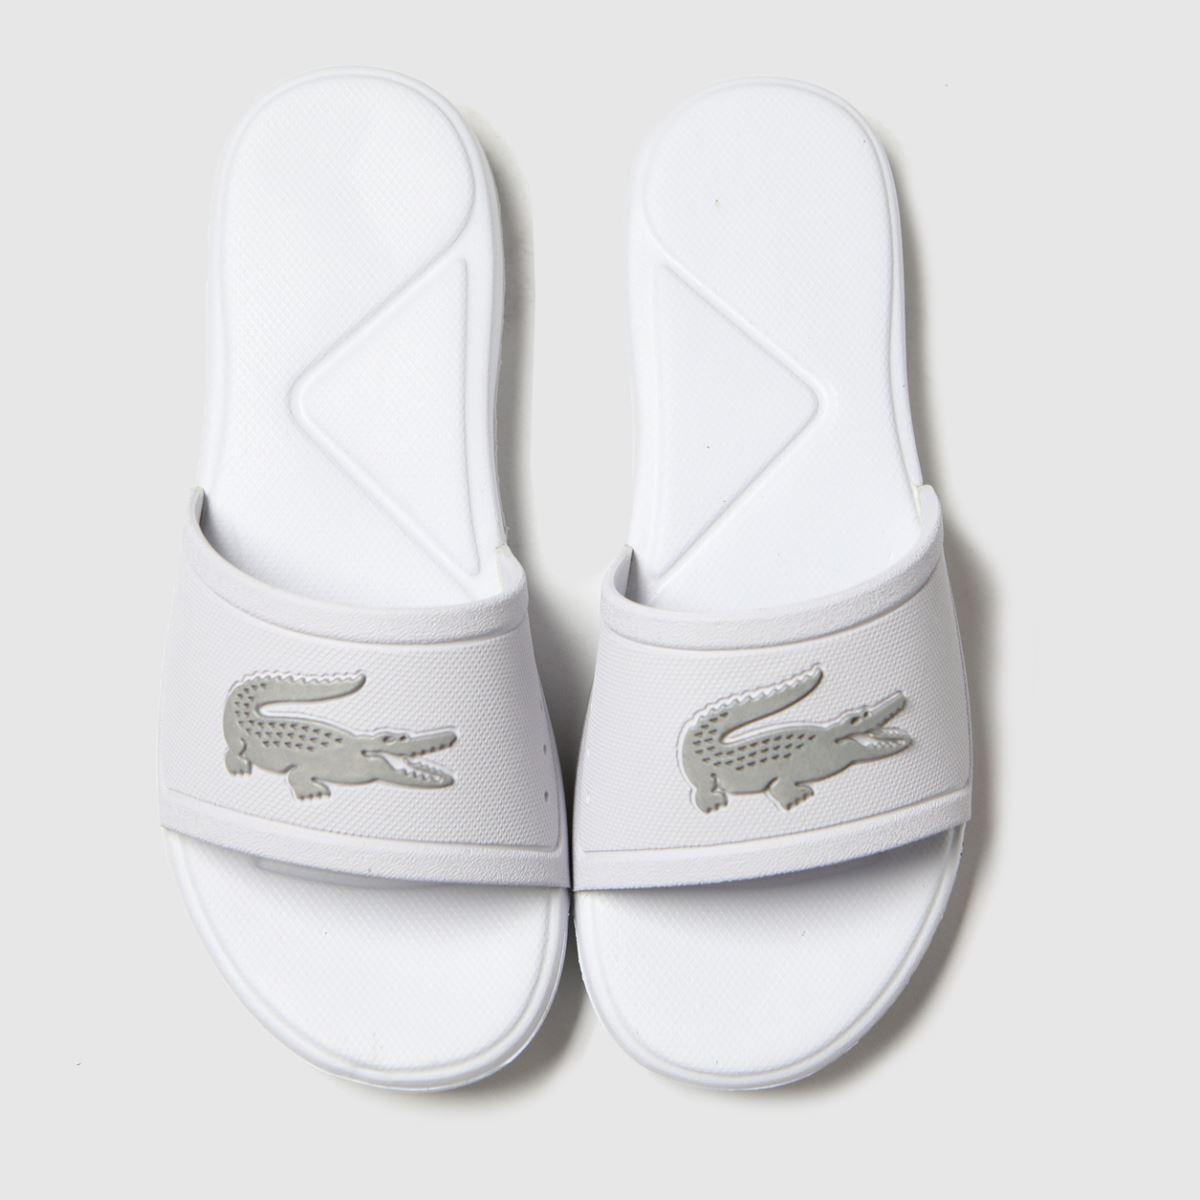 Lacoste White & Silver L.30 Slide Trainers Junior